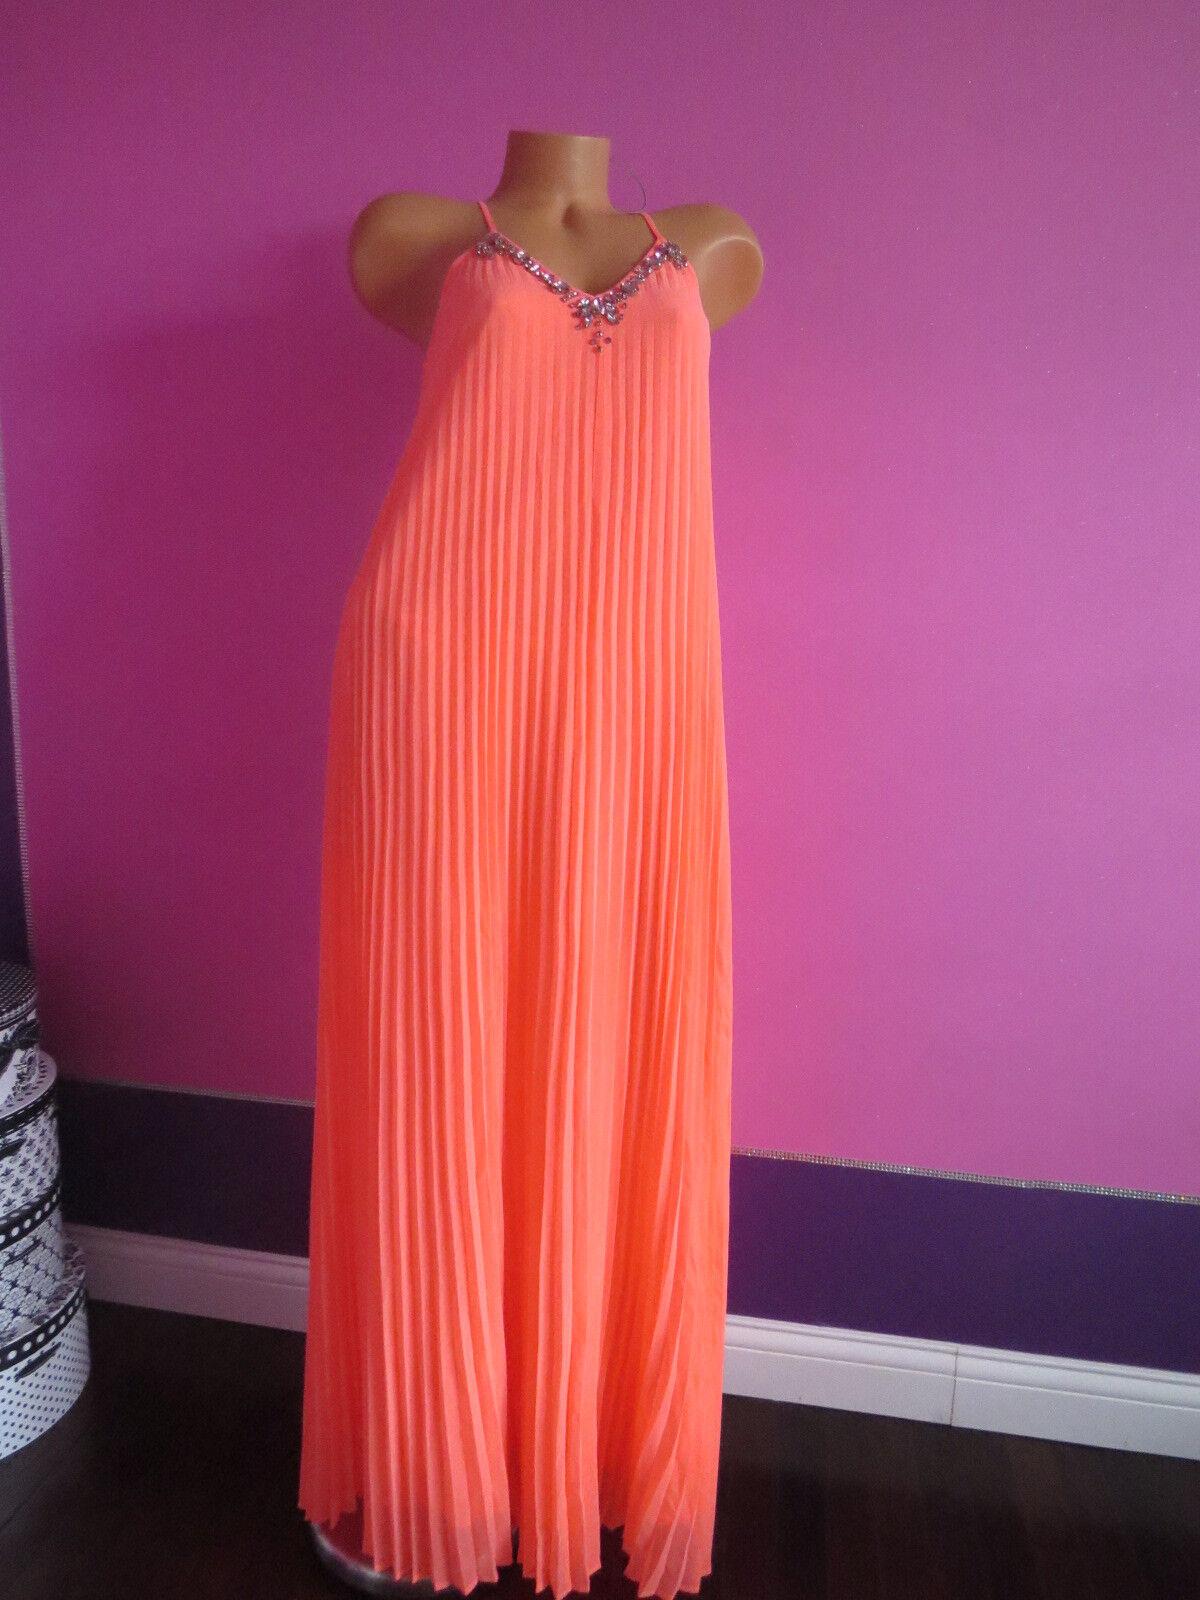 NEW  128 Victoria's Secret   Knife-Pleat Maxi Dress SZ X-SMALL+BLING